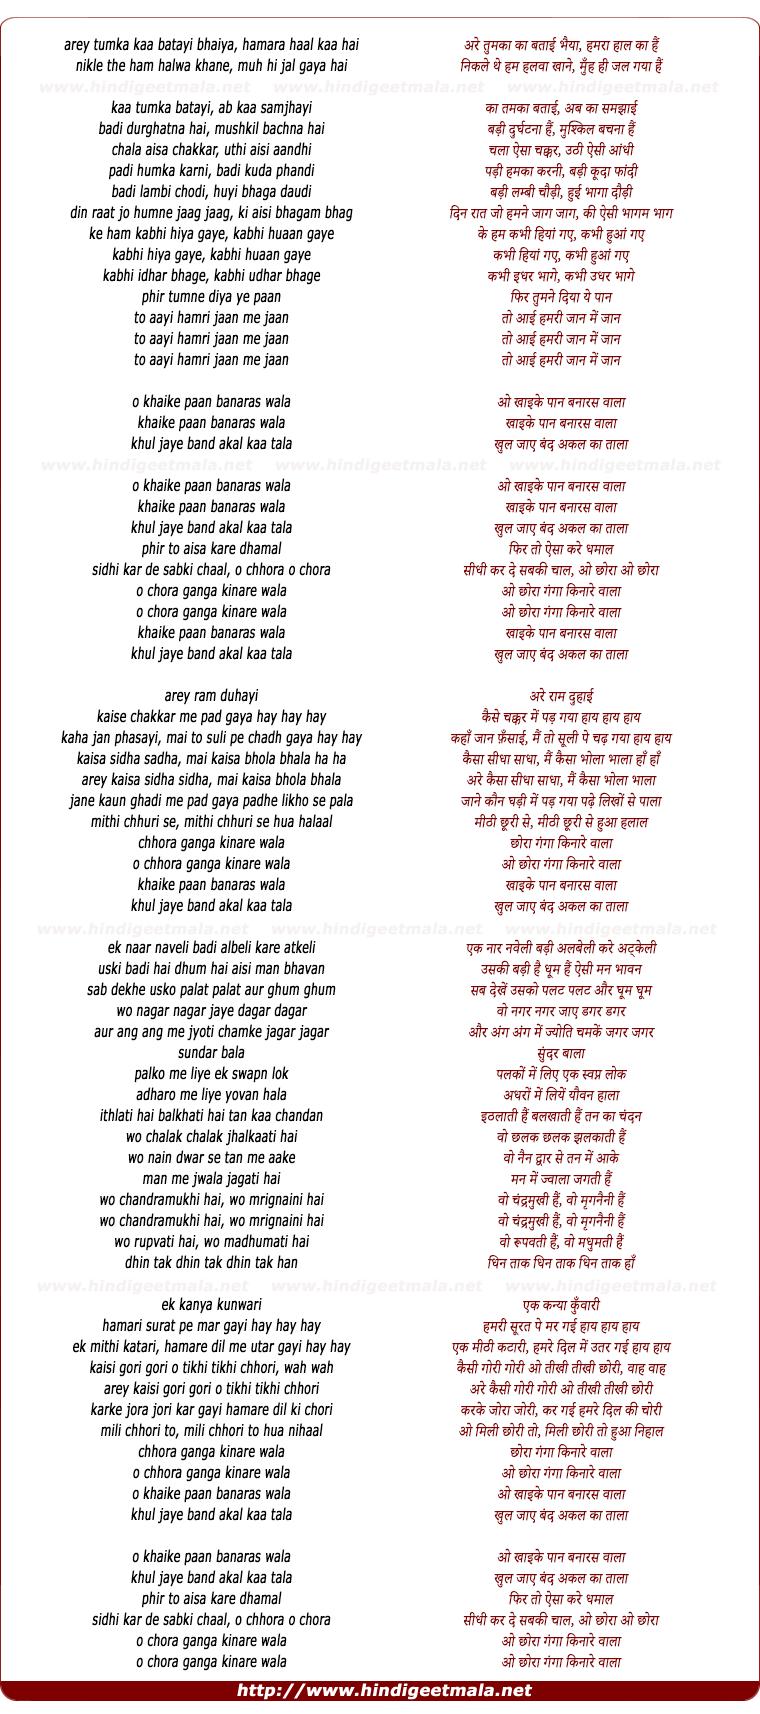 lyrics of song Khaike Pan Banaras Wala Khul Jaye Band Akal Ka Tala